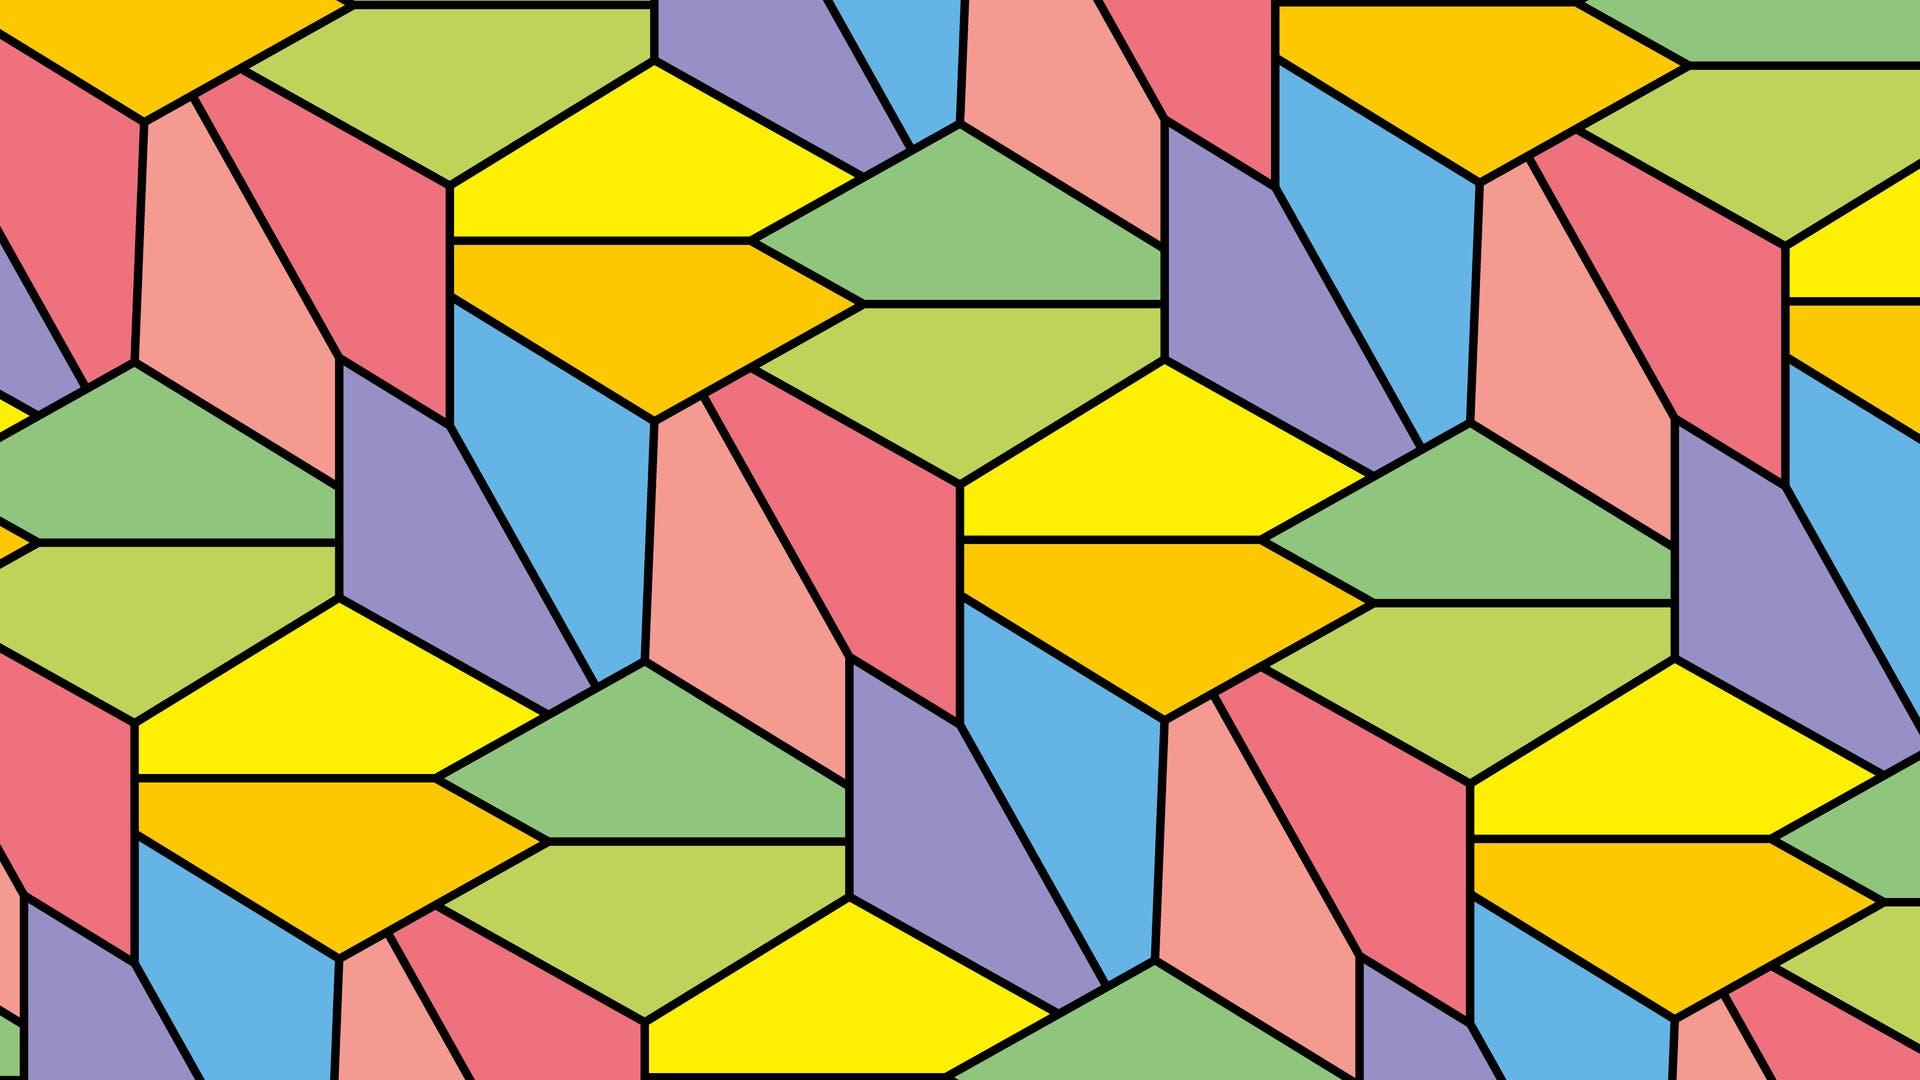 Fünfeck 11